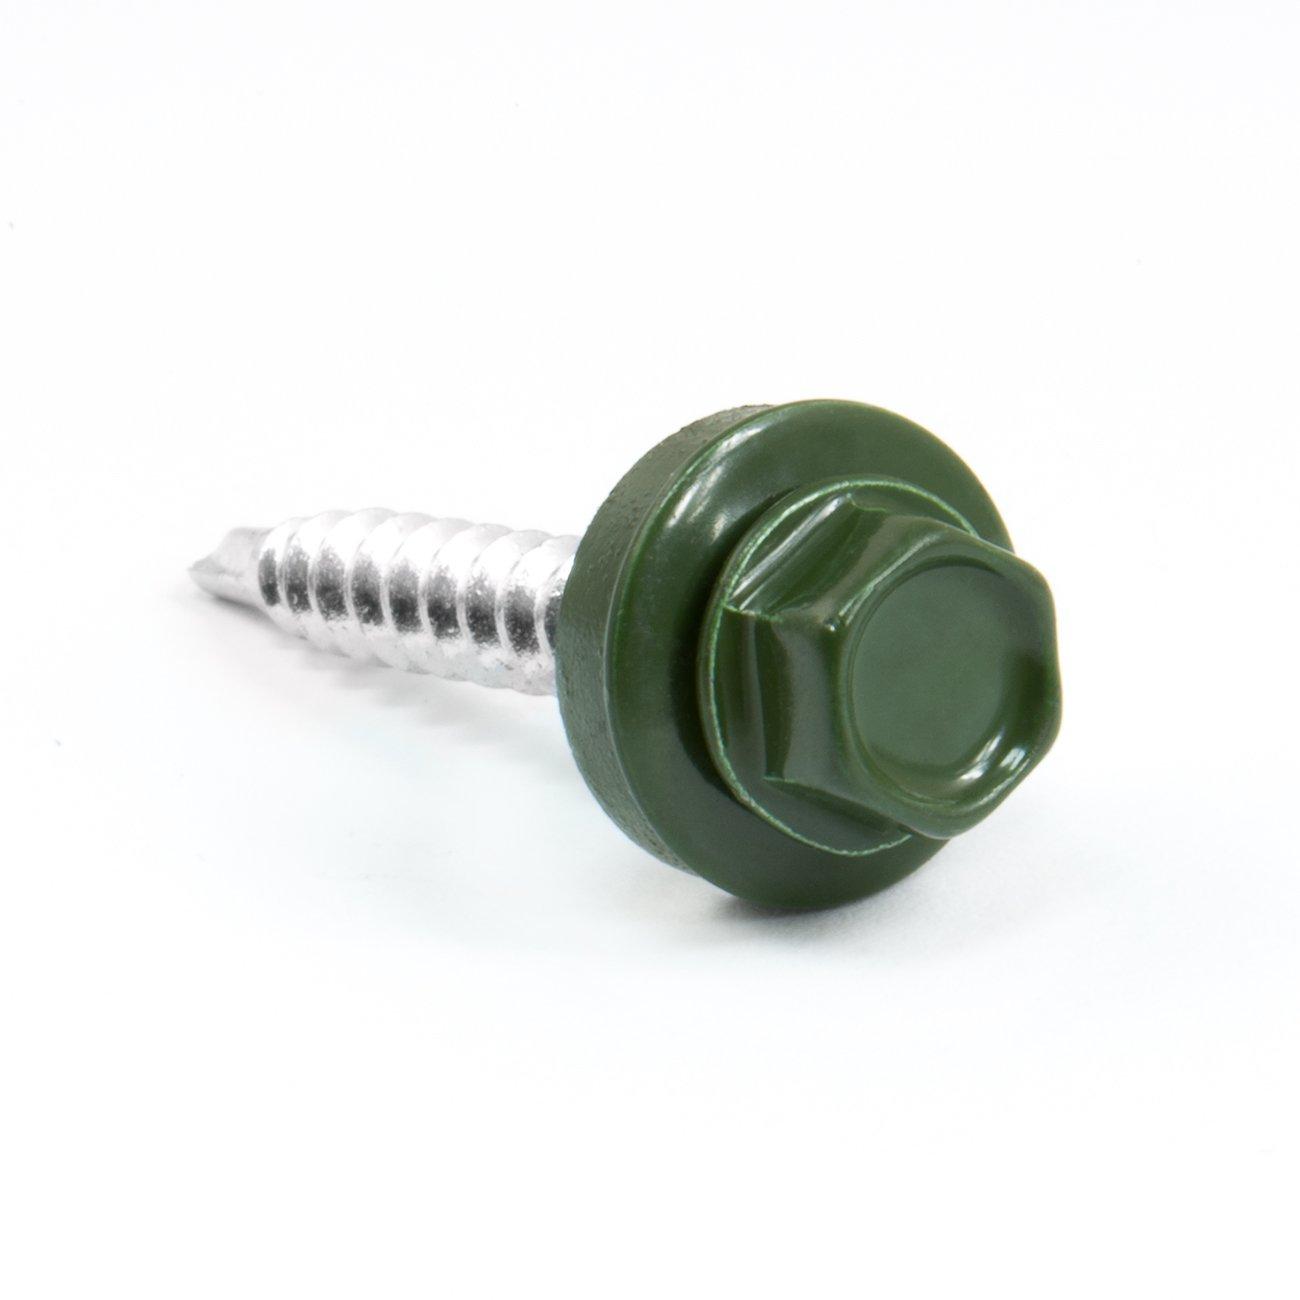 4, 8 x 55 mm cabeza hexagonal para tejado para madera sujetador brillante metal tornillo de color verde DQ-PP